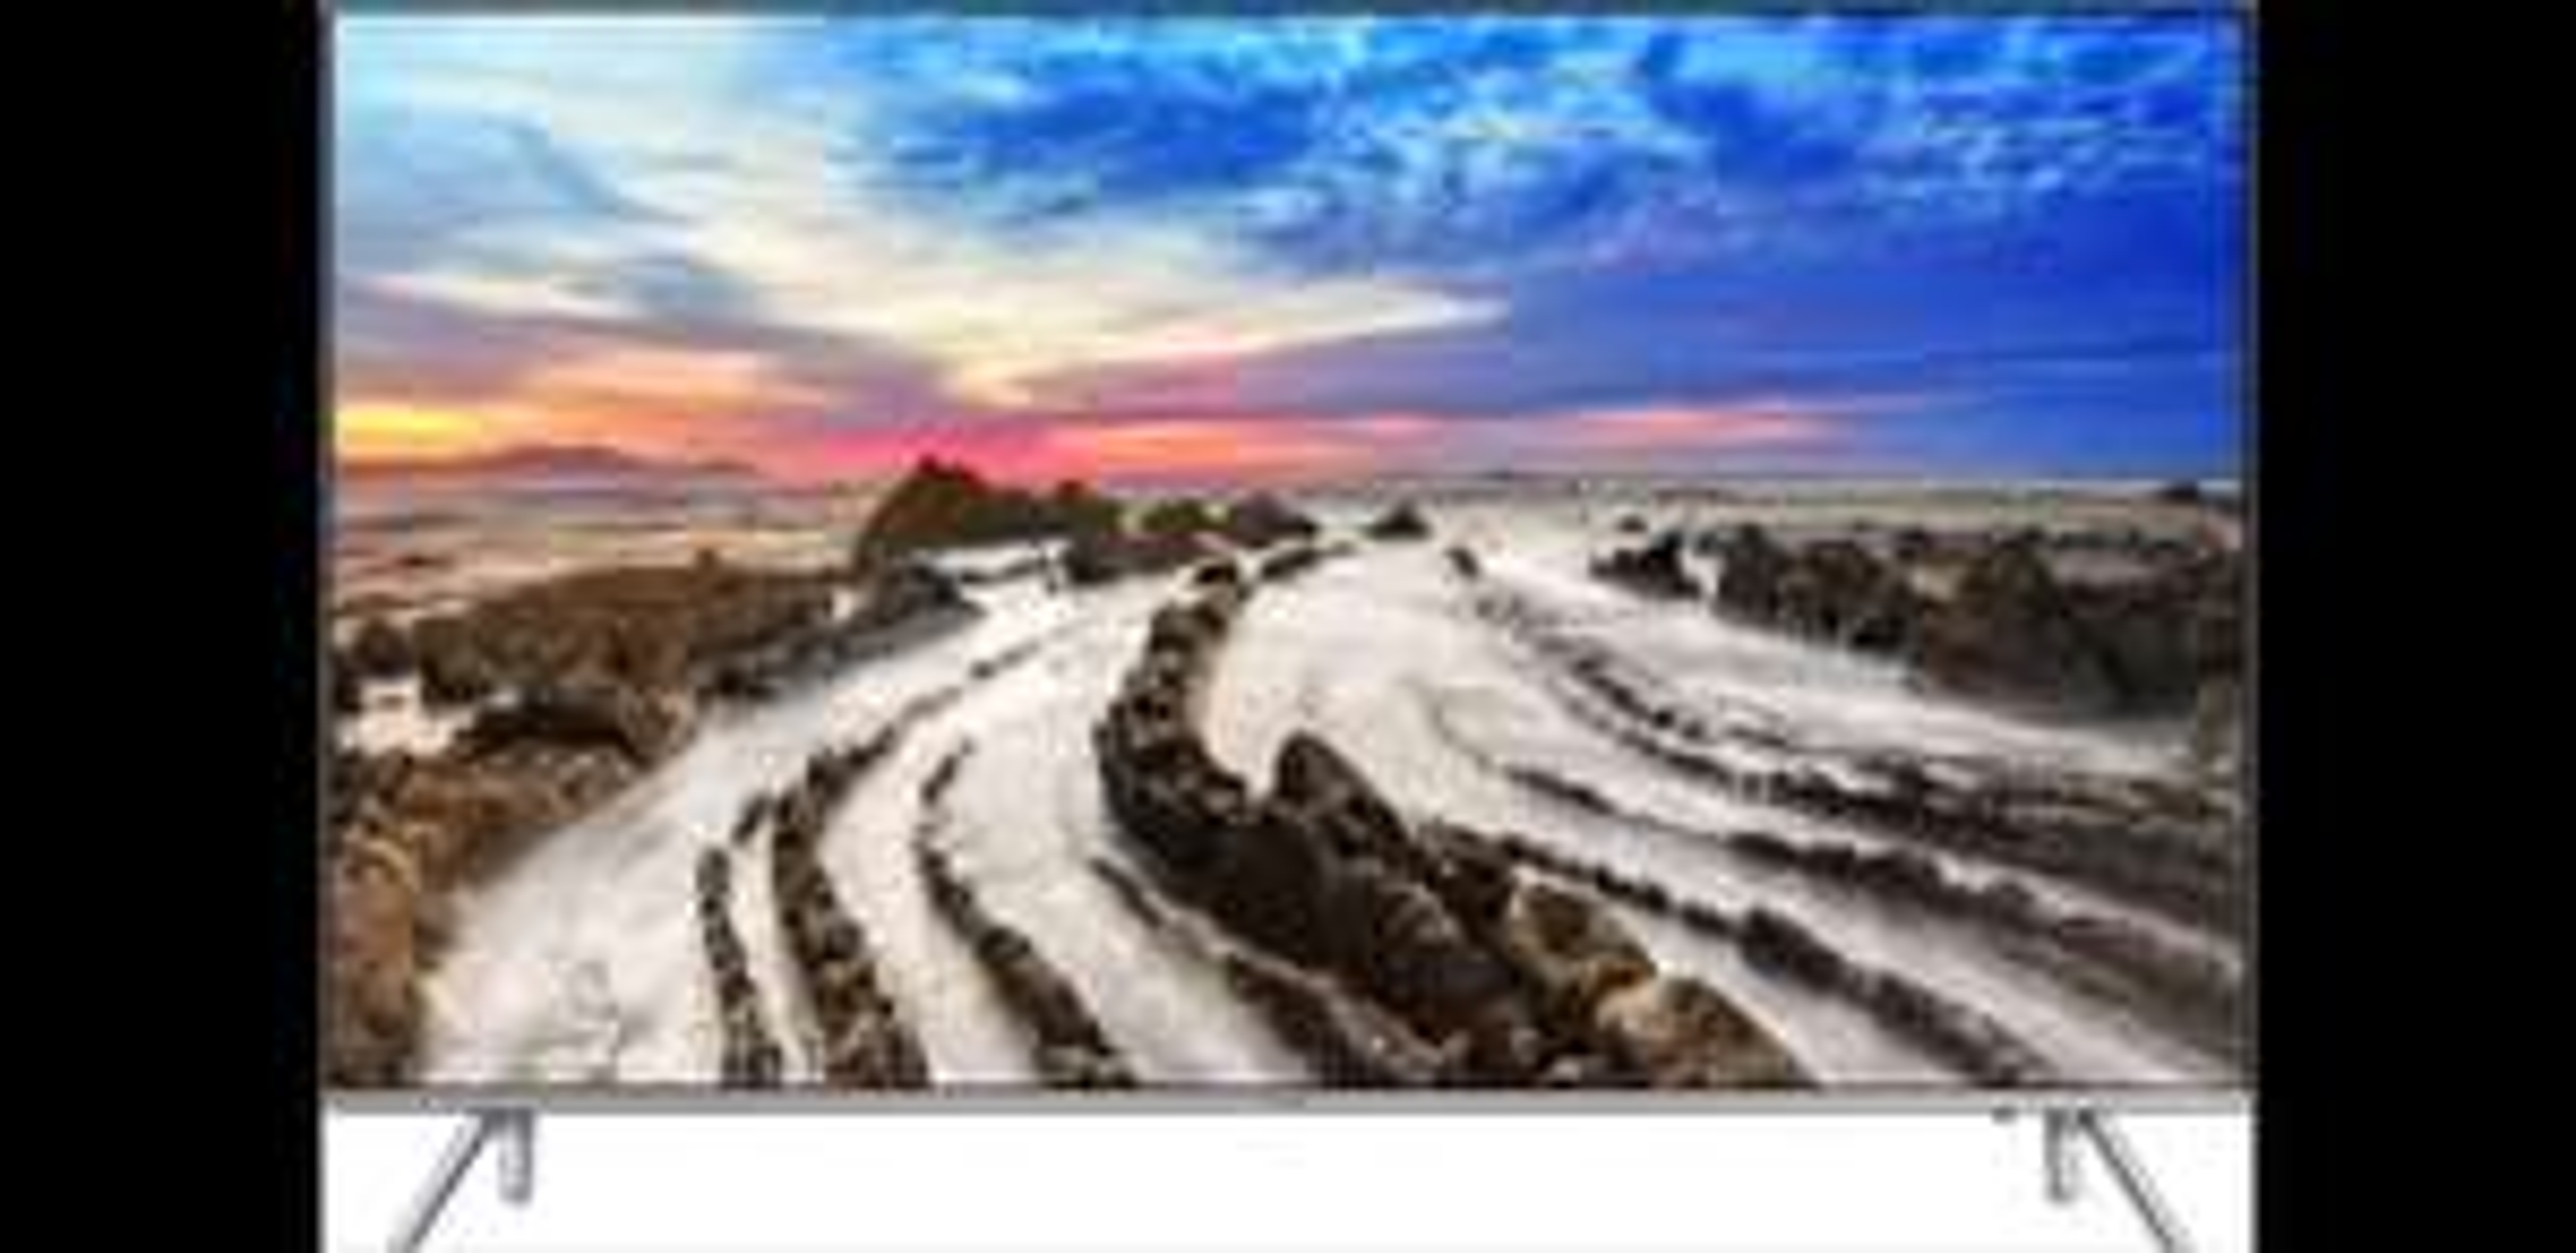 Samsung ue55mu7000 um 699 (Saturn Linz)